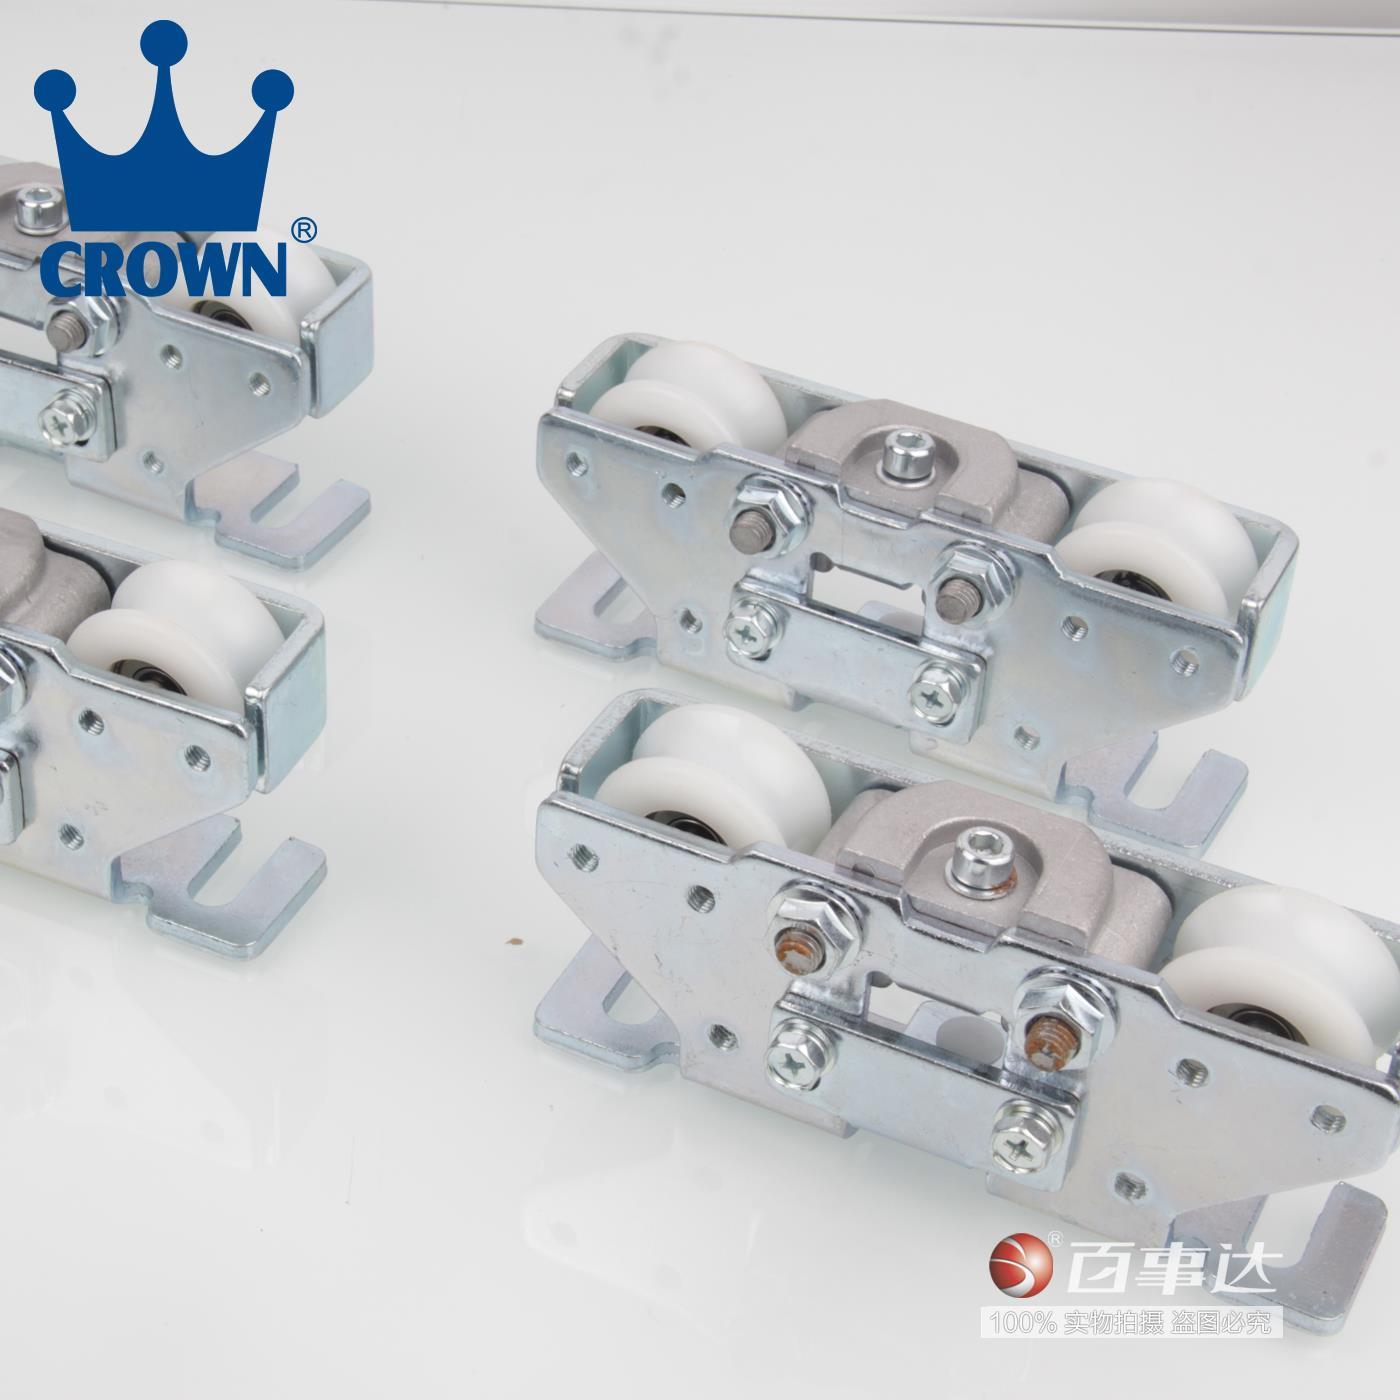 吉林皇冠原装自动门HG-118T报价